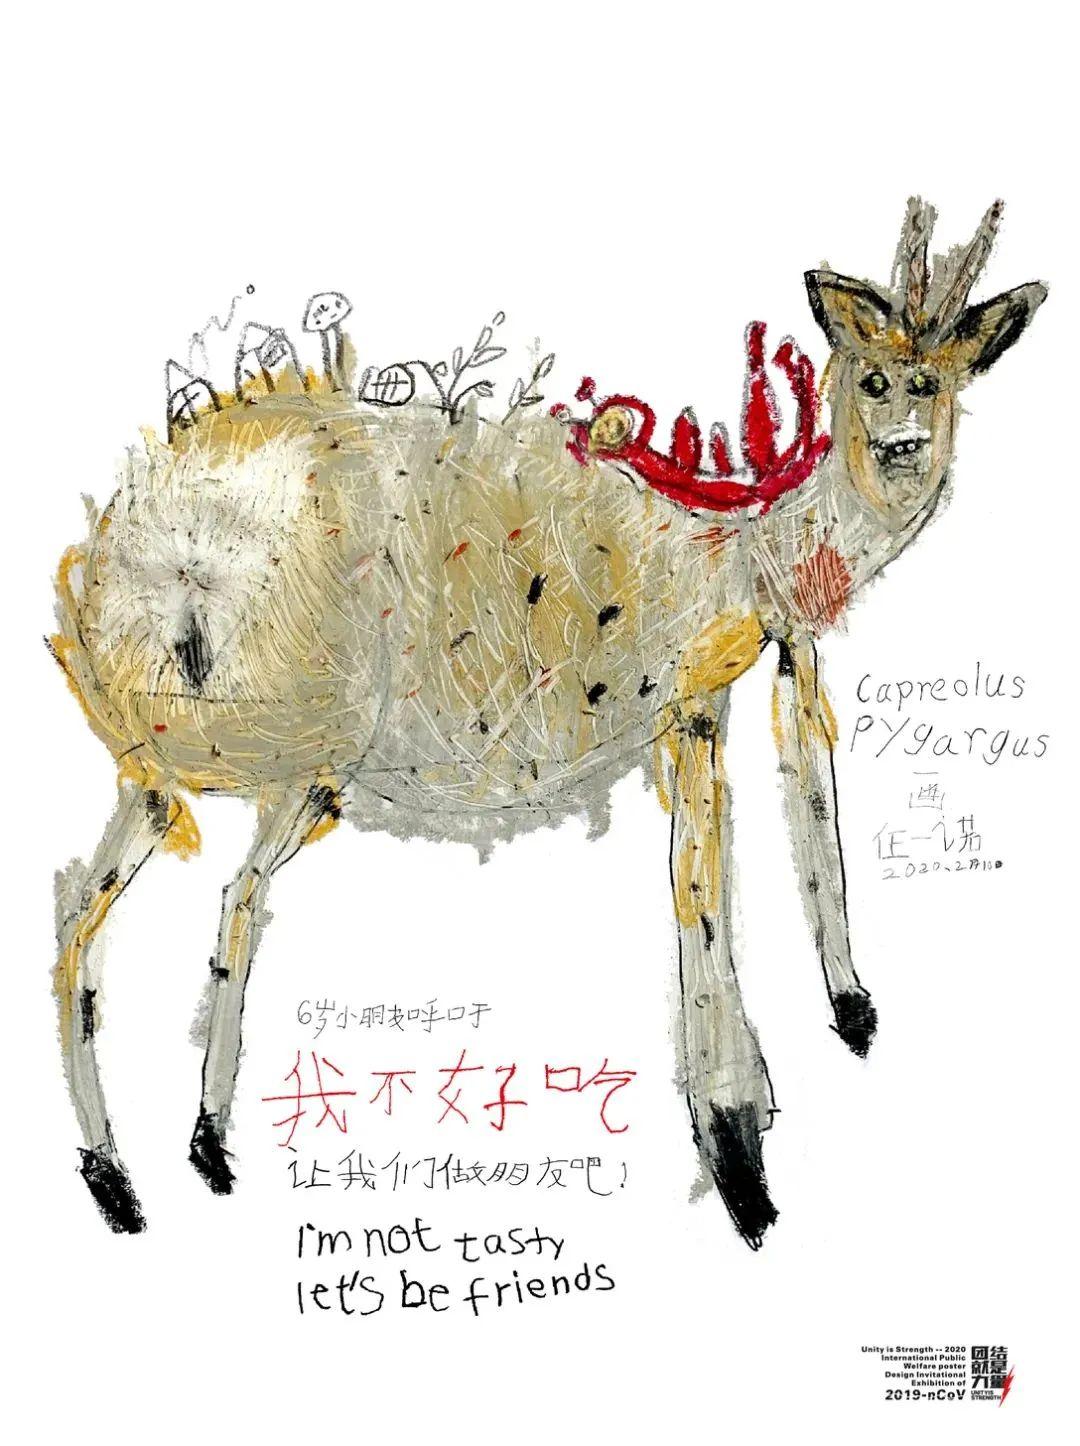 6岁蒙古族小设计师用插画拯救野生动物,为抗疫助力! 第14张